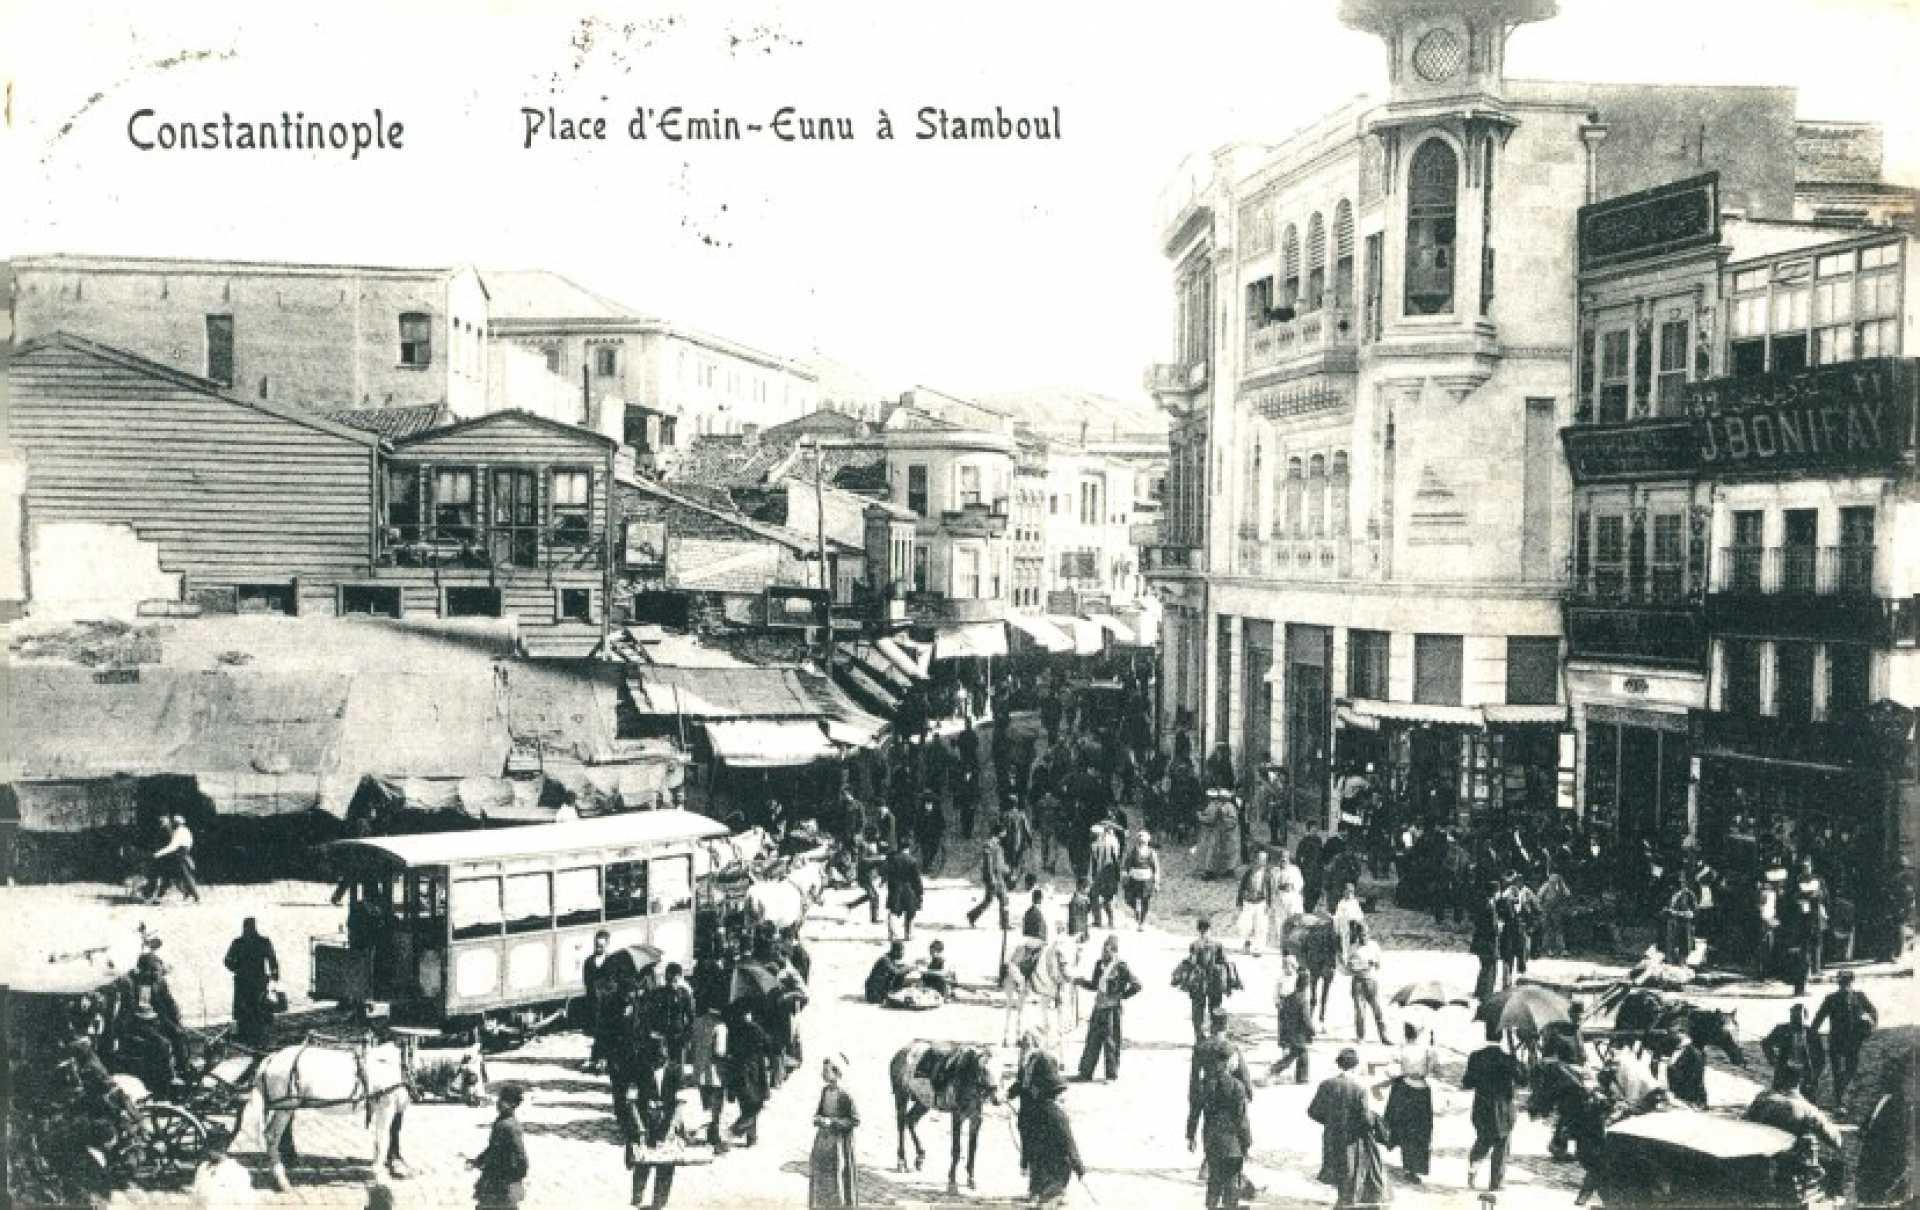 Place d'Emin- Eunu a Stamboul